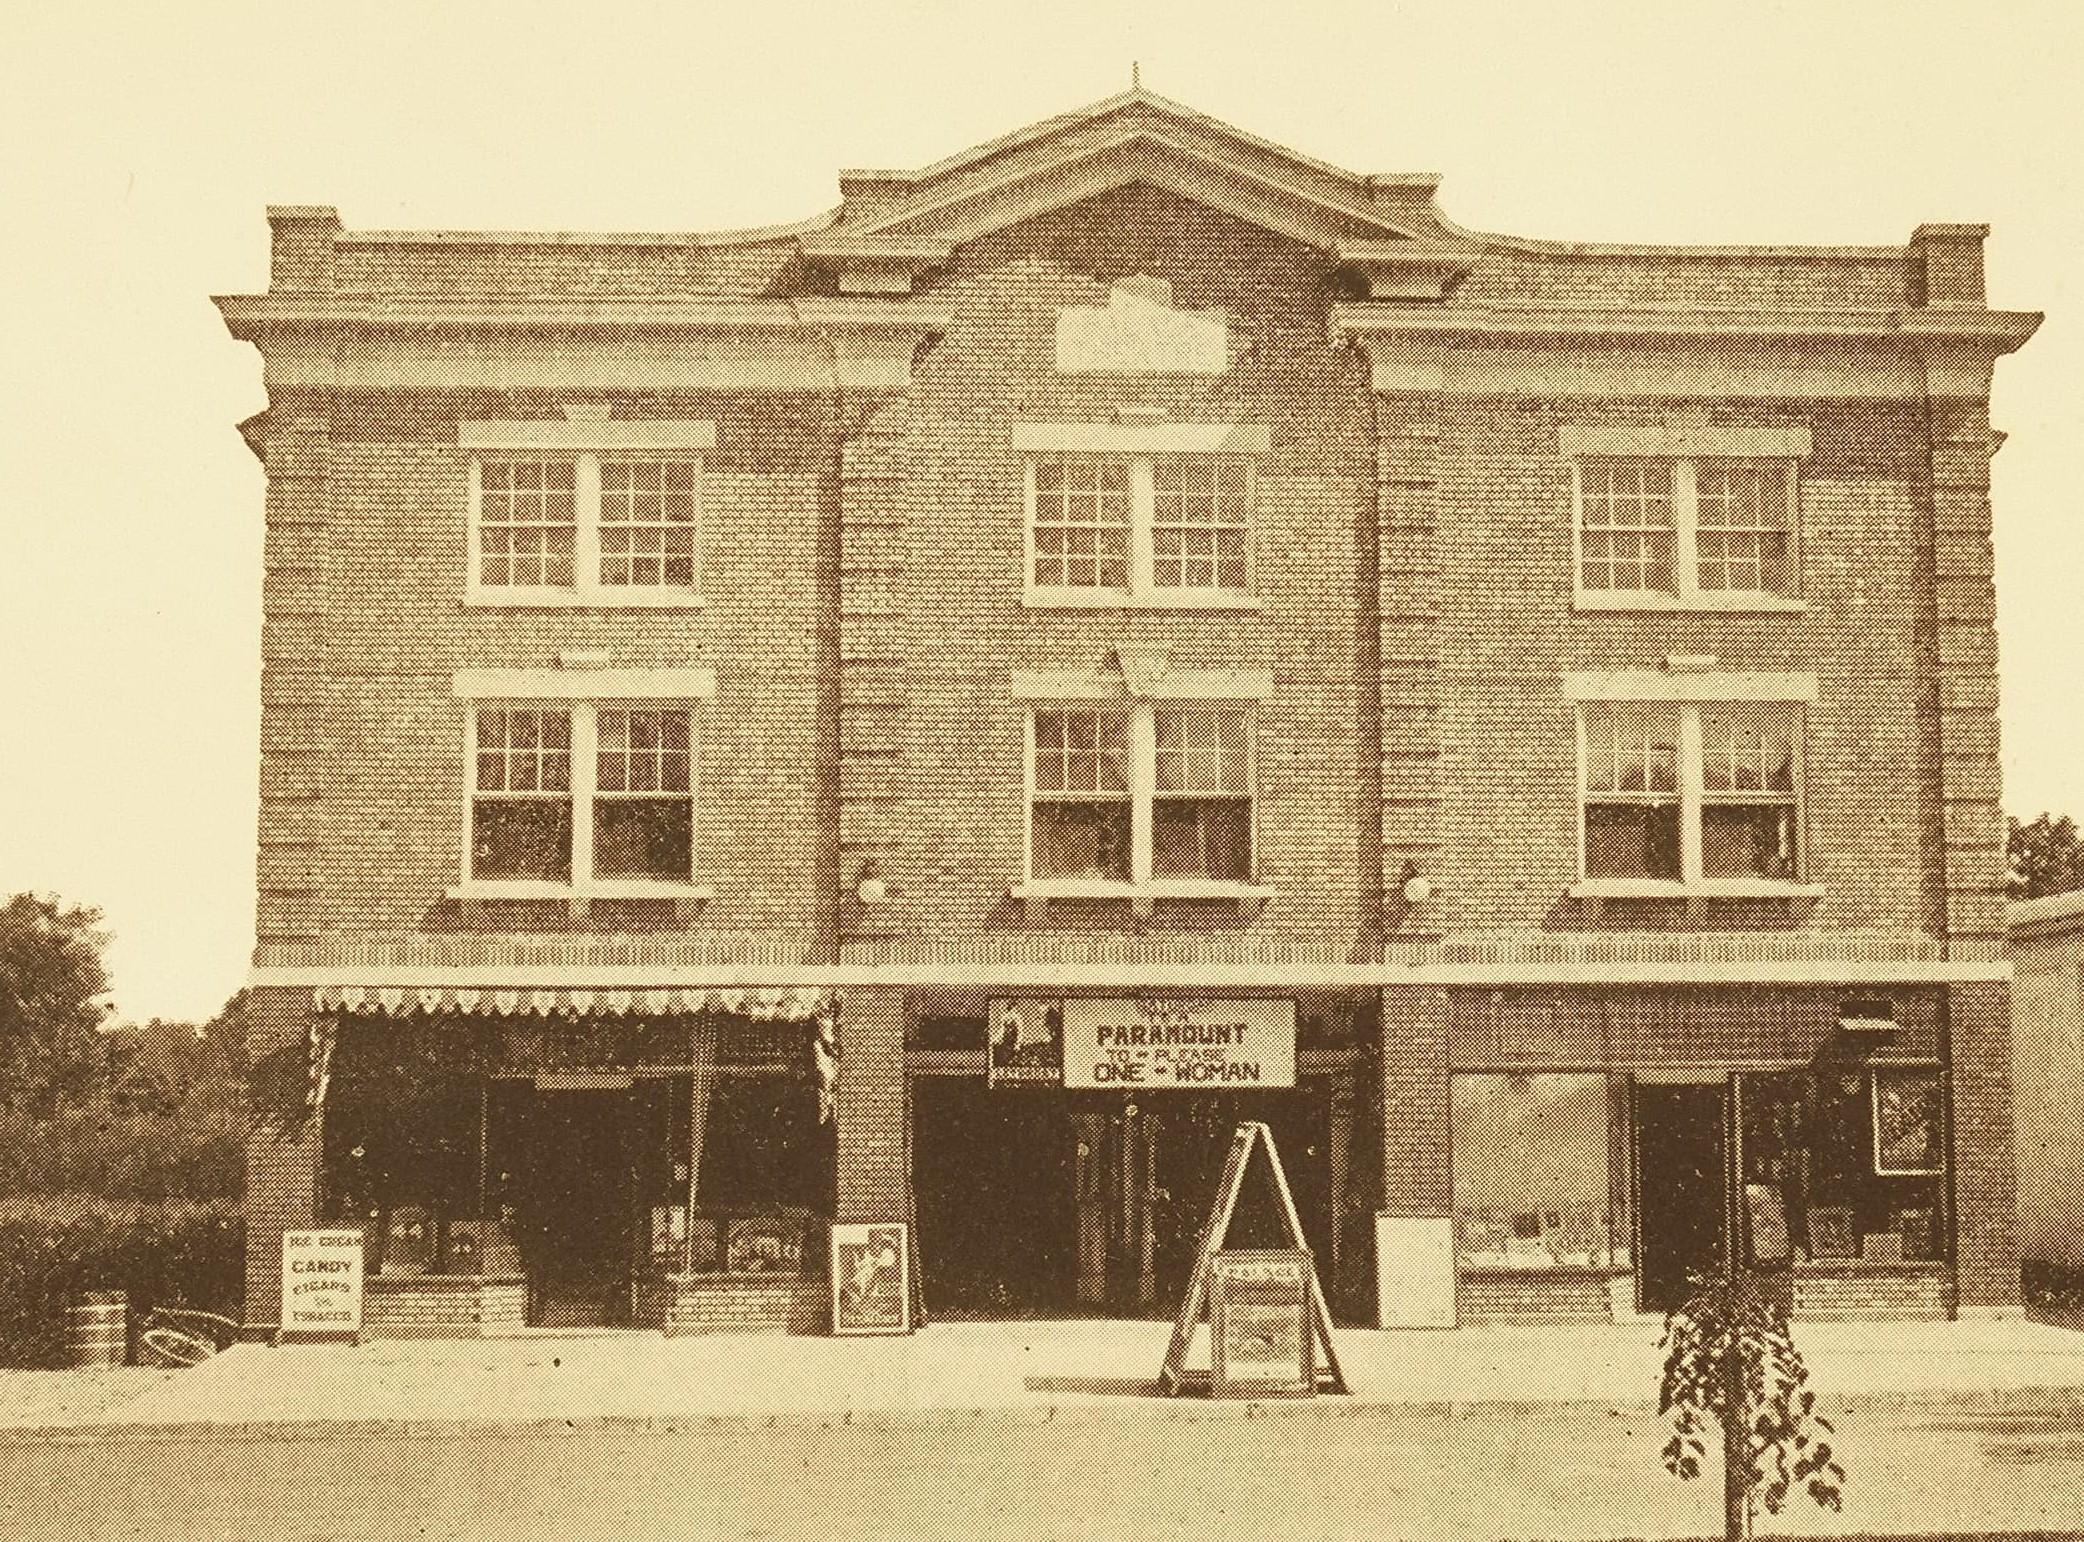 A vintage photograph of a brick facade building